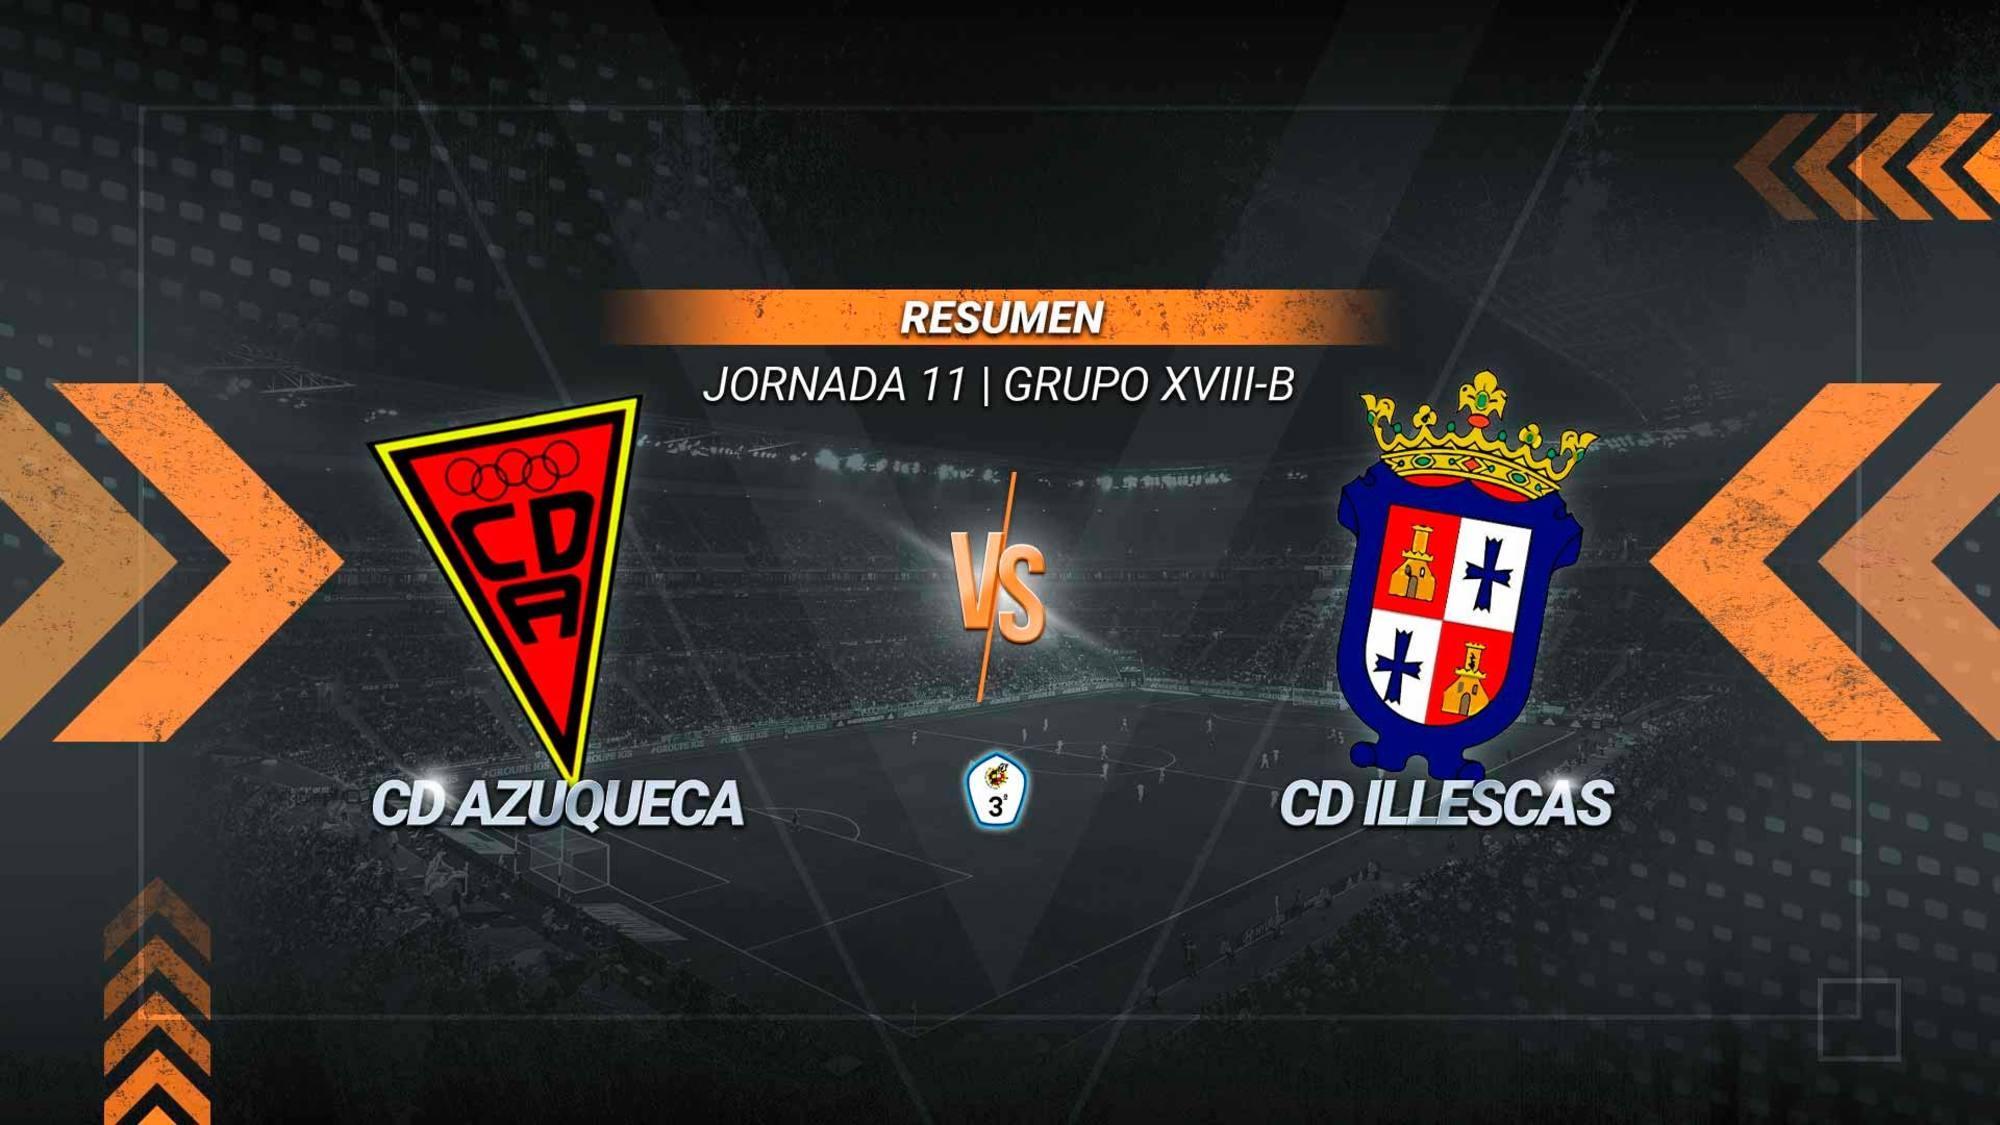 Un gol de Molina rescata un empate para el Illescas en el San Miguel. Diez minutos antes se adelantó el Azuqueca con un tanto de Aitor Rubio. Los azudenses suman once puntos y los illescanos catorce.